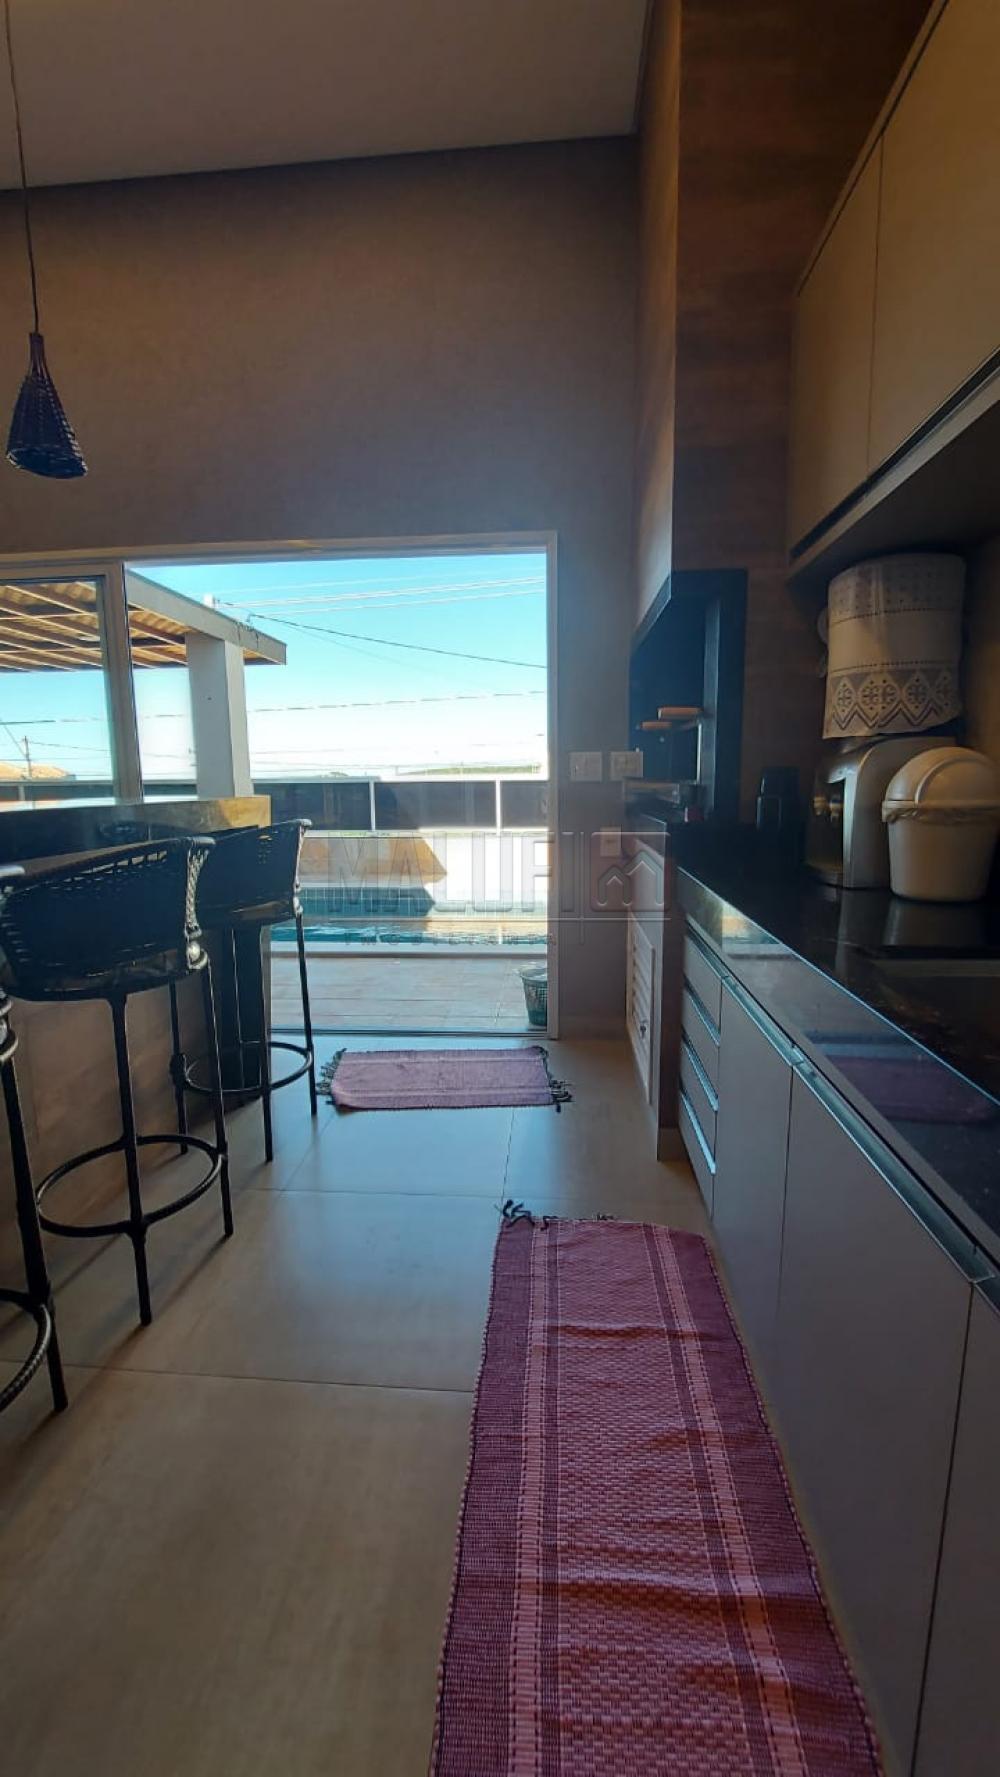 Comprar Casas / Padrão em Olímpia R$ 850.000,00 - Foto 6